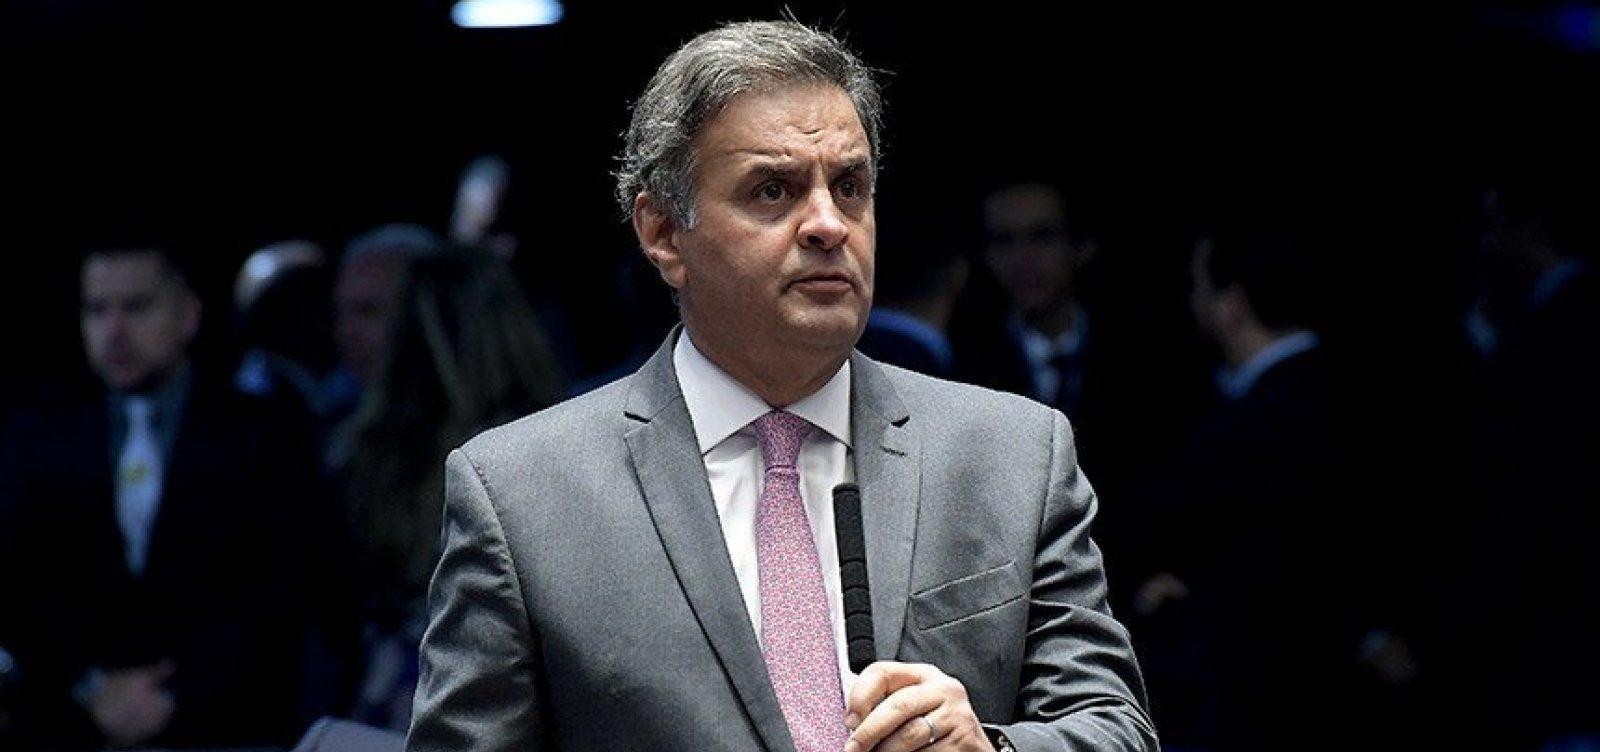 Justiçadetermina bloqueio de R$ 128 milhões de Aécio Neves